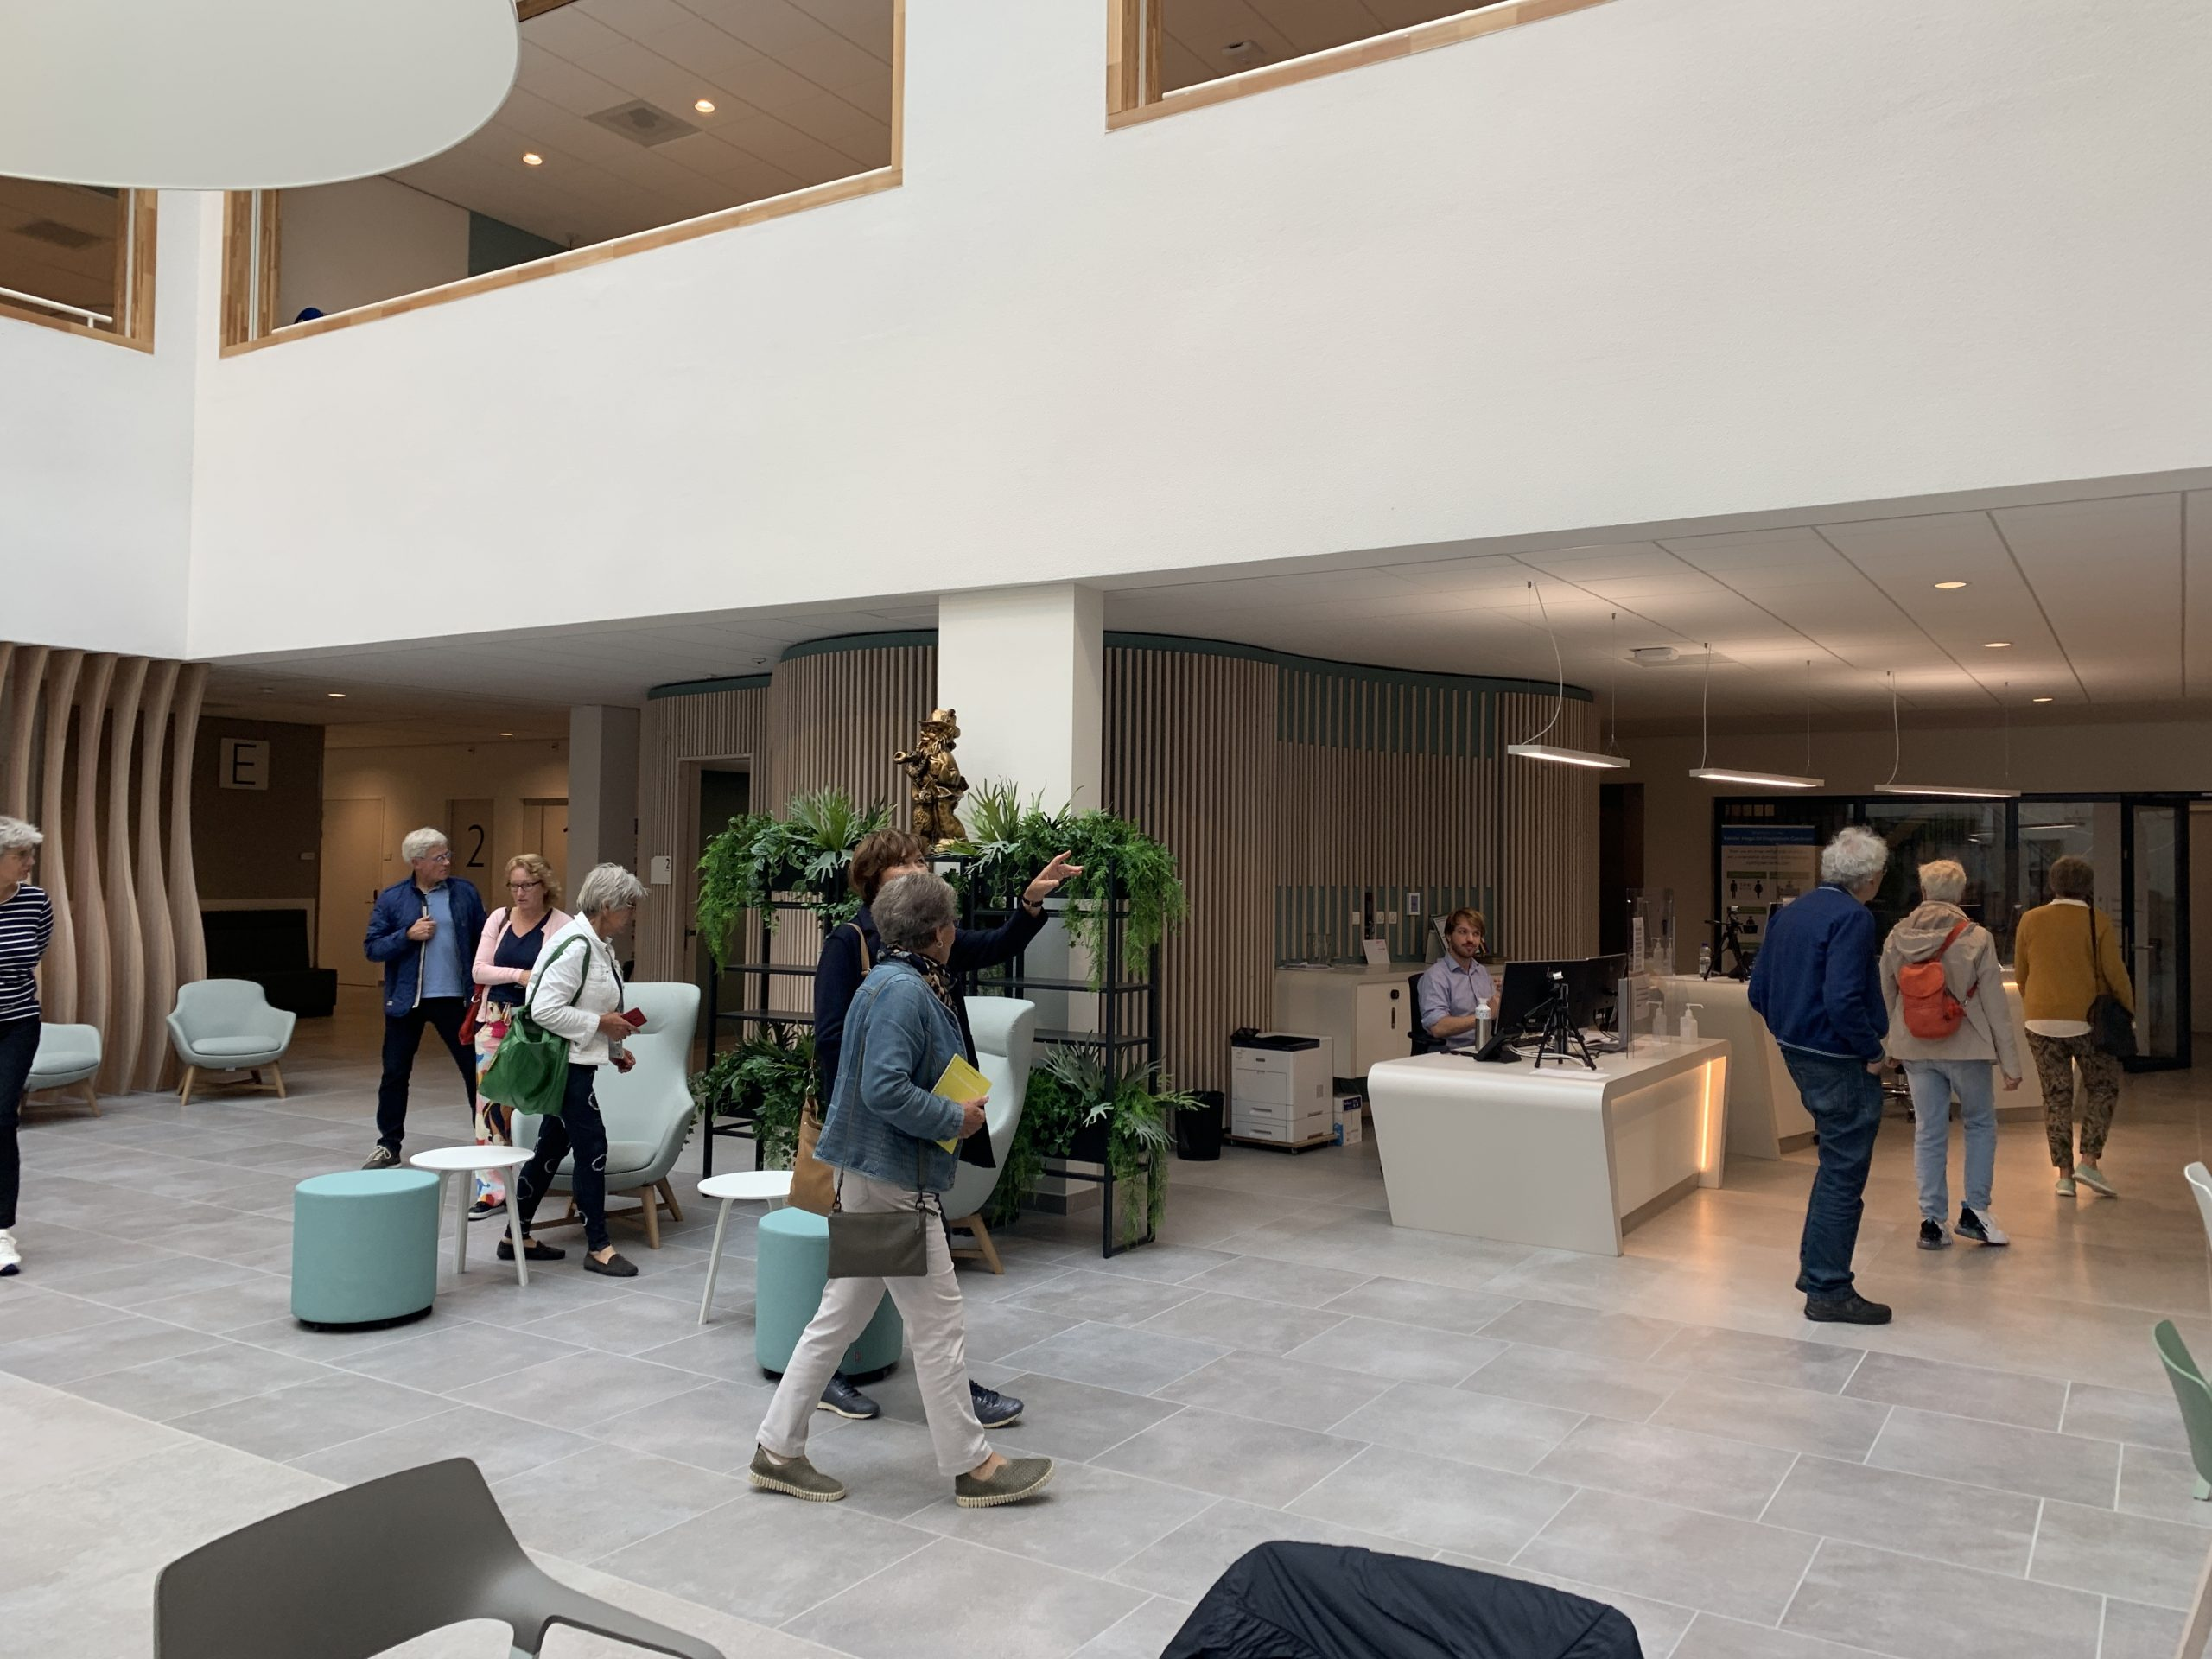 rondleiding door EGM architecten in Orthopedisch ecntrum Zoetermeer